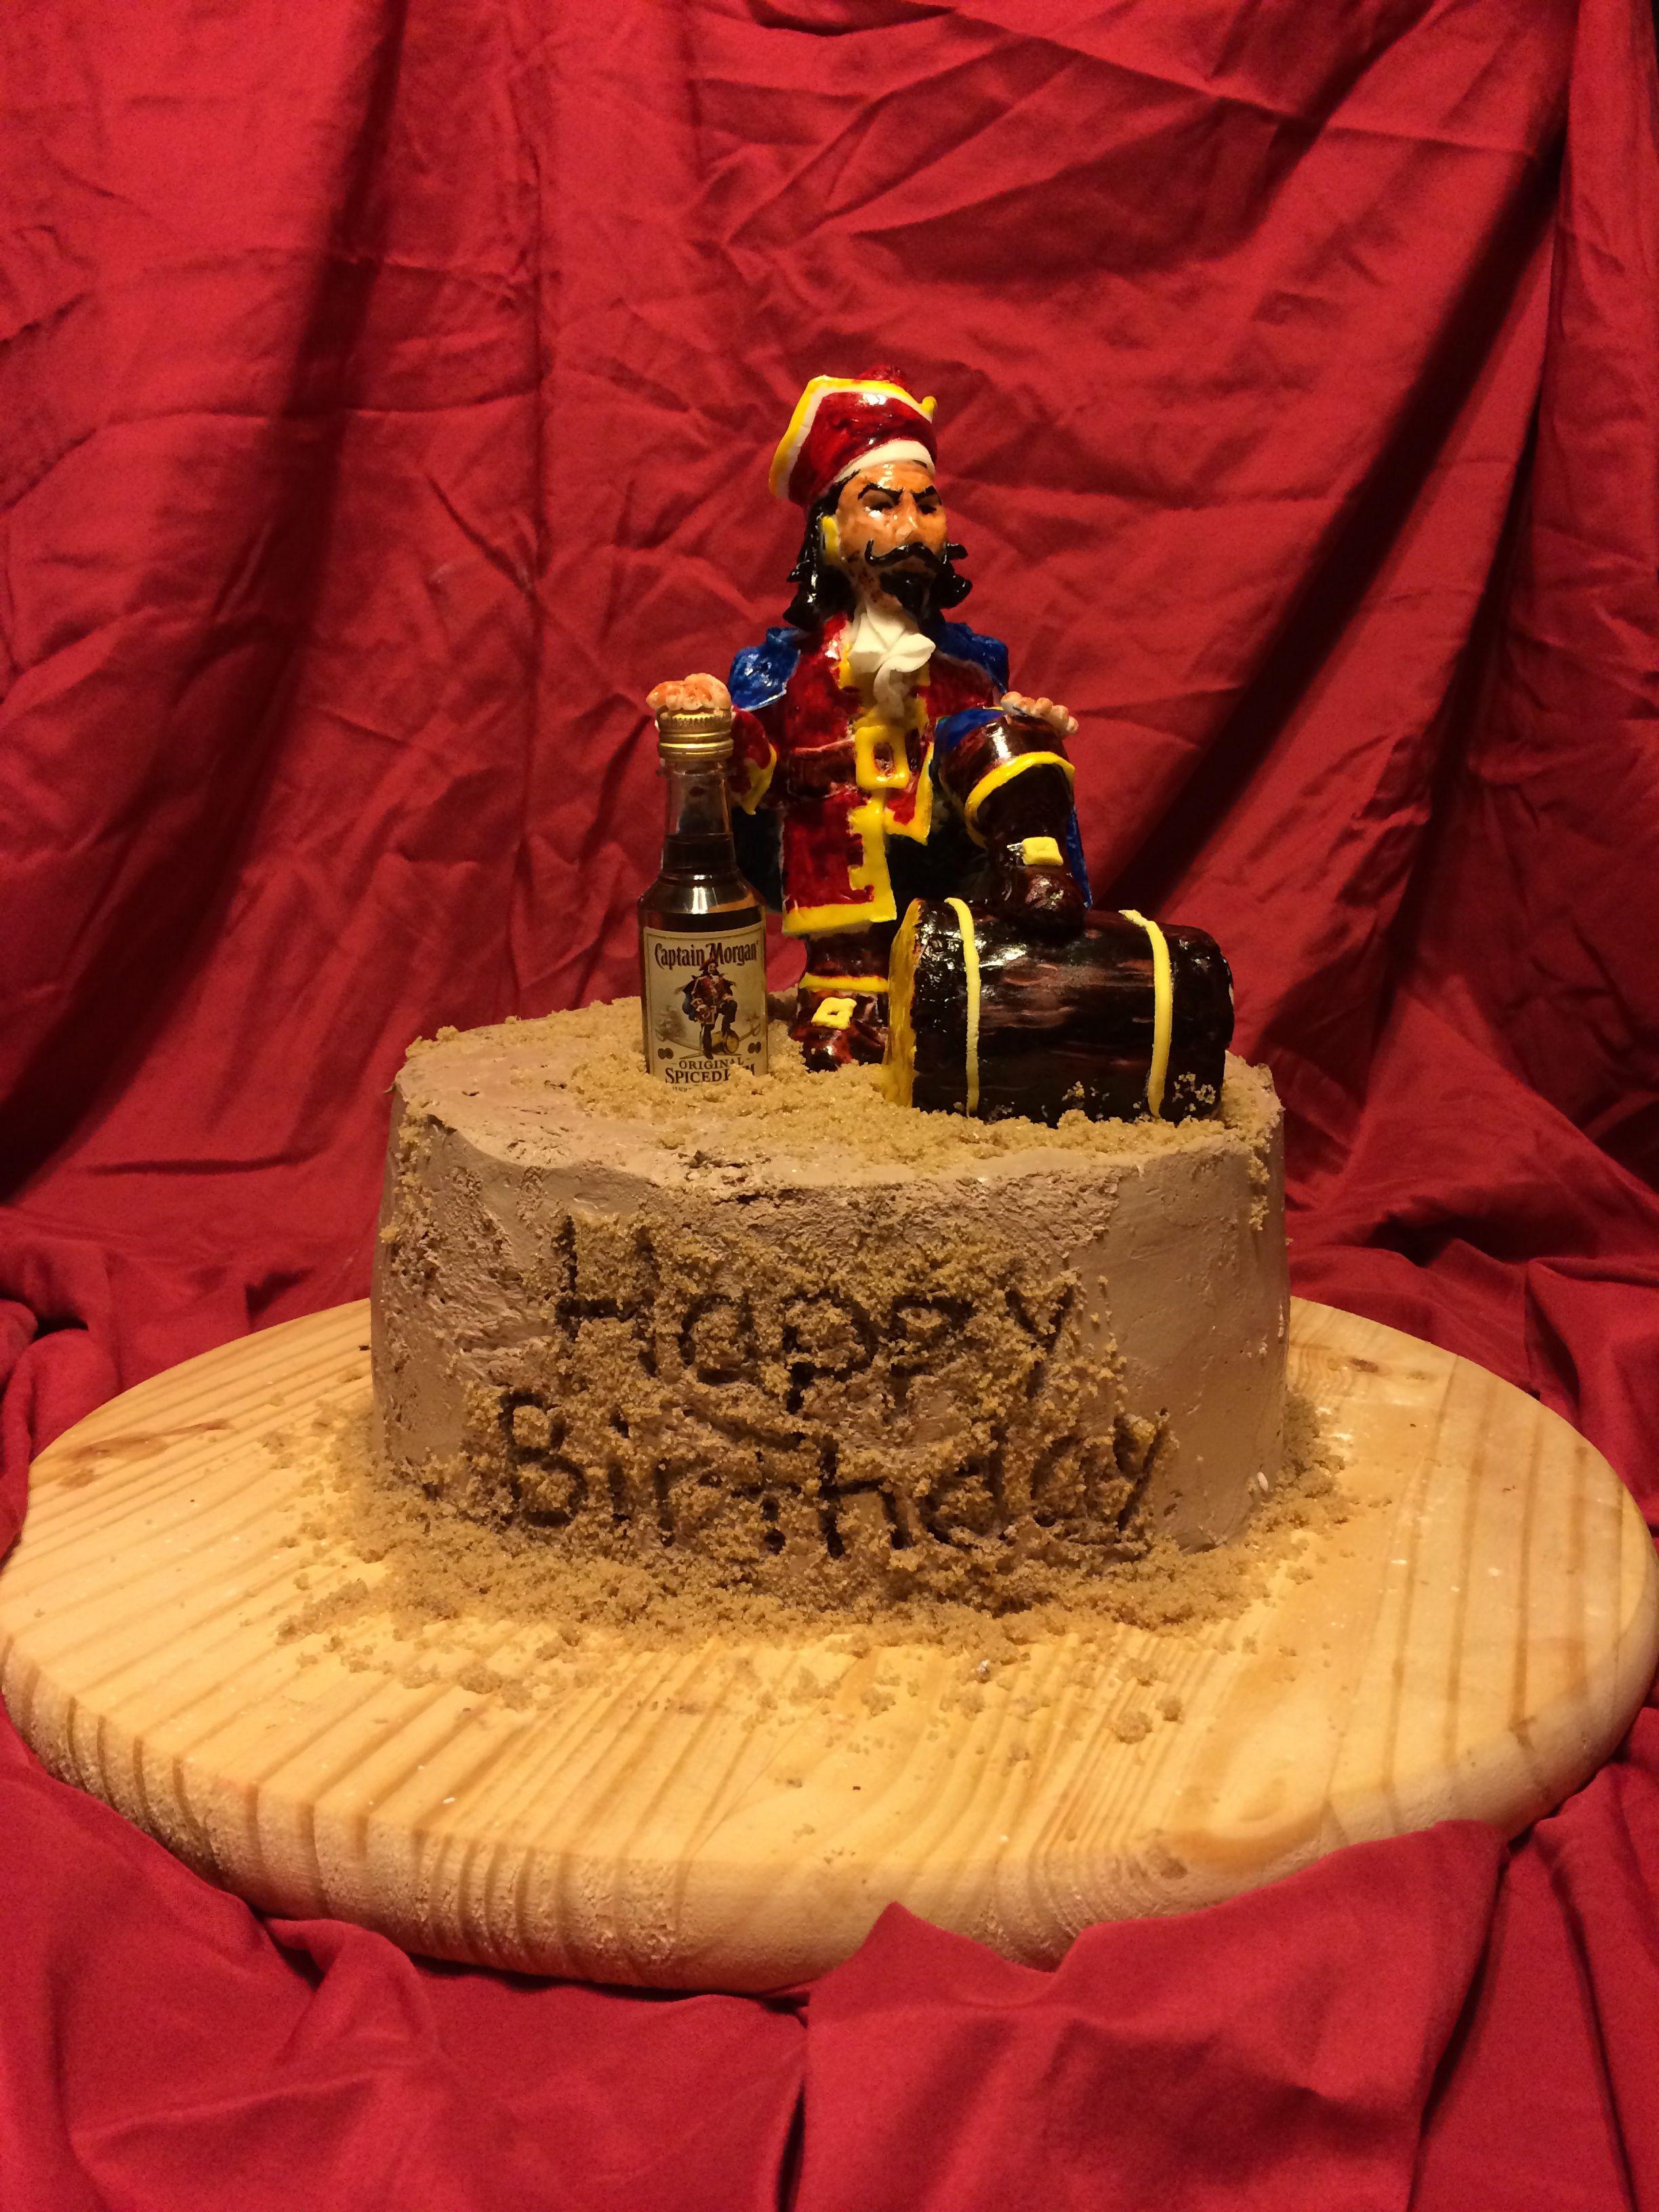 Superb Captain Morgan Cake By Beautiful Bakes Custom Cakes Buffalo Ny Funny Birthday Cards Online Necthendildamsfinfo